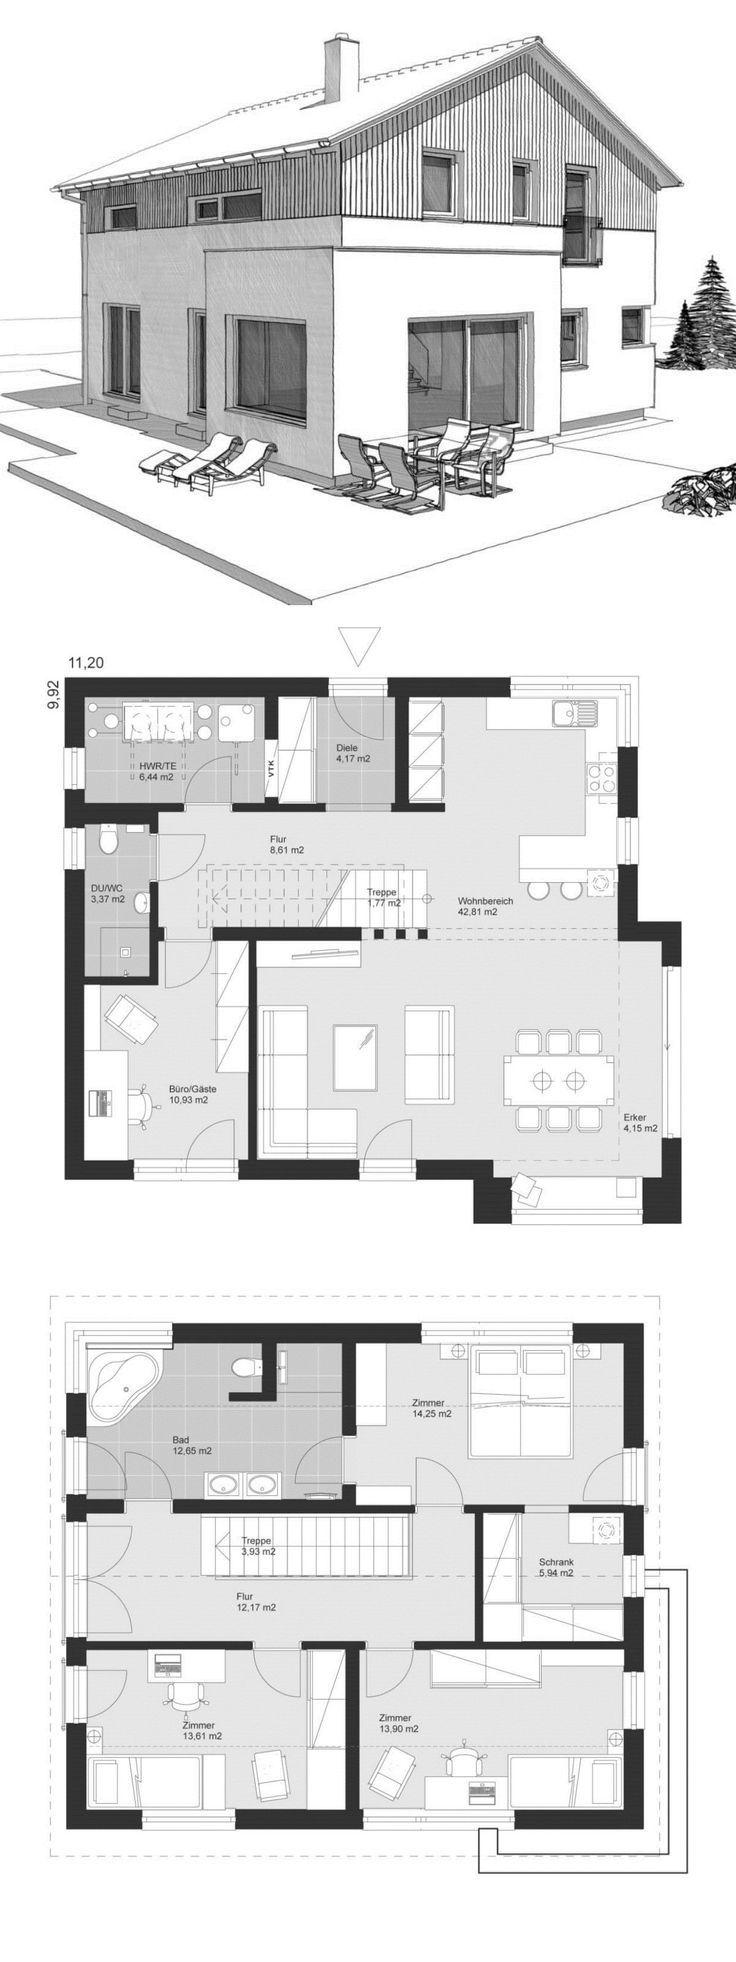 Einfamilienhaus Neubau im Landhausstil Grundriss mit Satteldach, ohne Rest durch zwei teilbar…